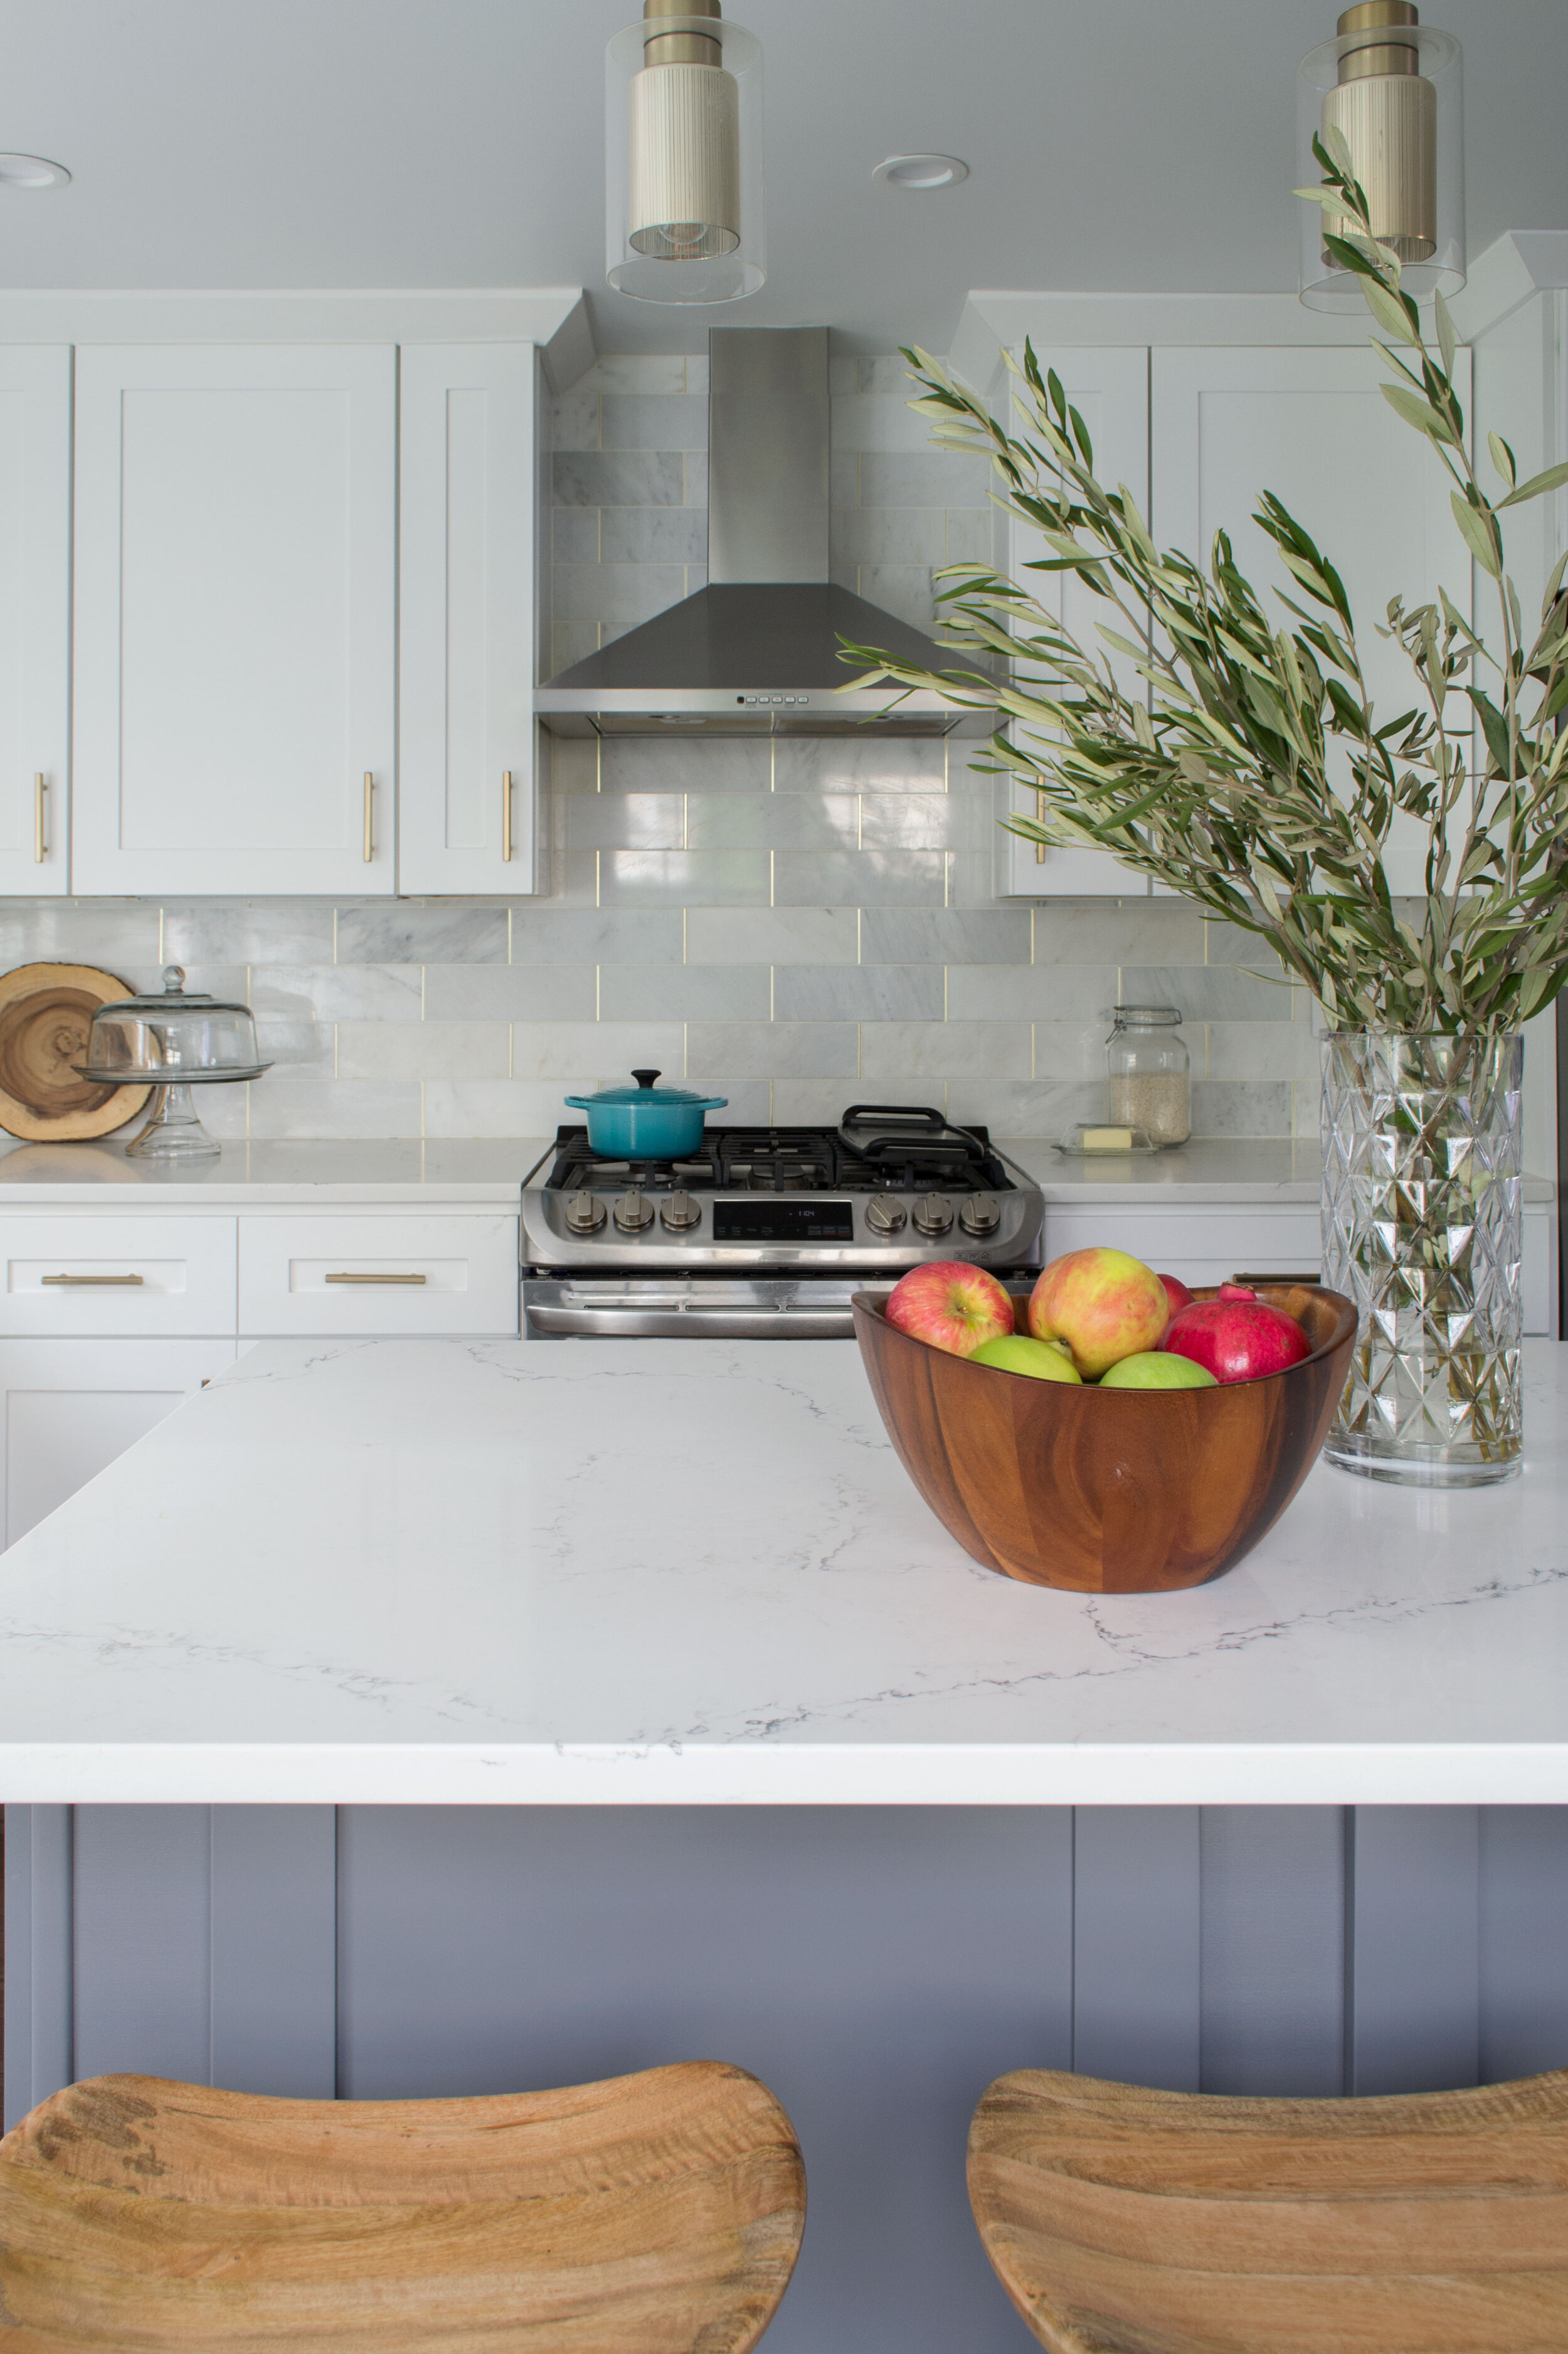 kitchen-modern-white-gray-tc-interiors-3.jpg